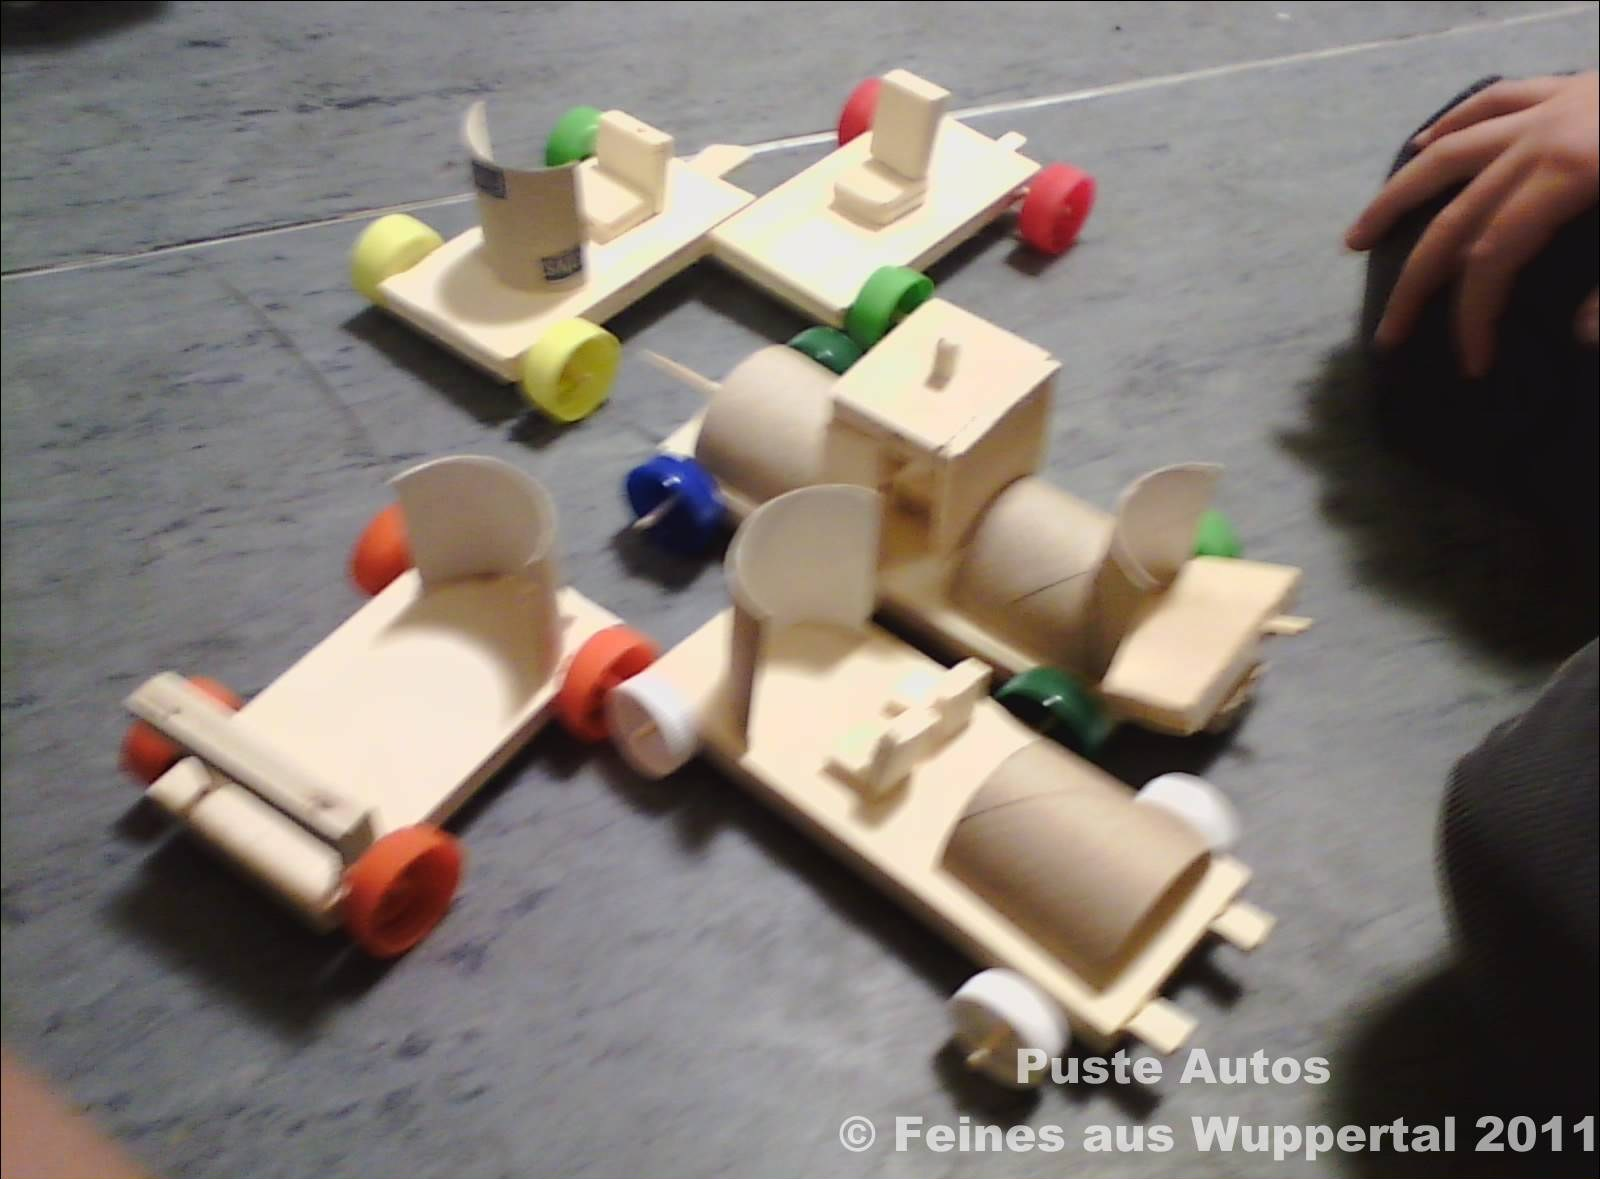 Puste Autos Ein Interessantes Holzwerkstattprojekt Fur Grundschulen